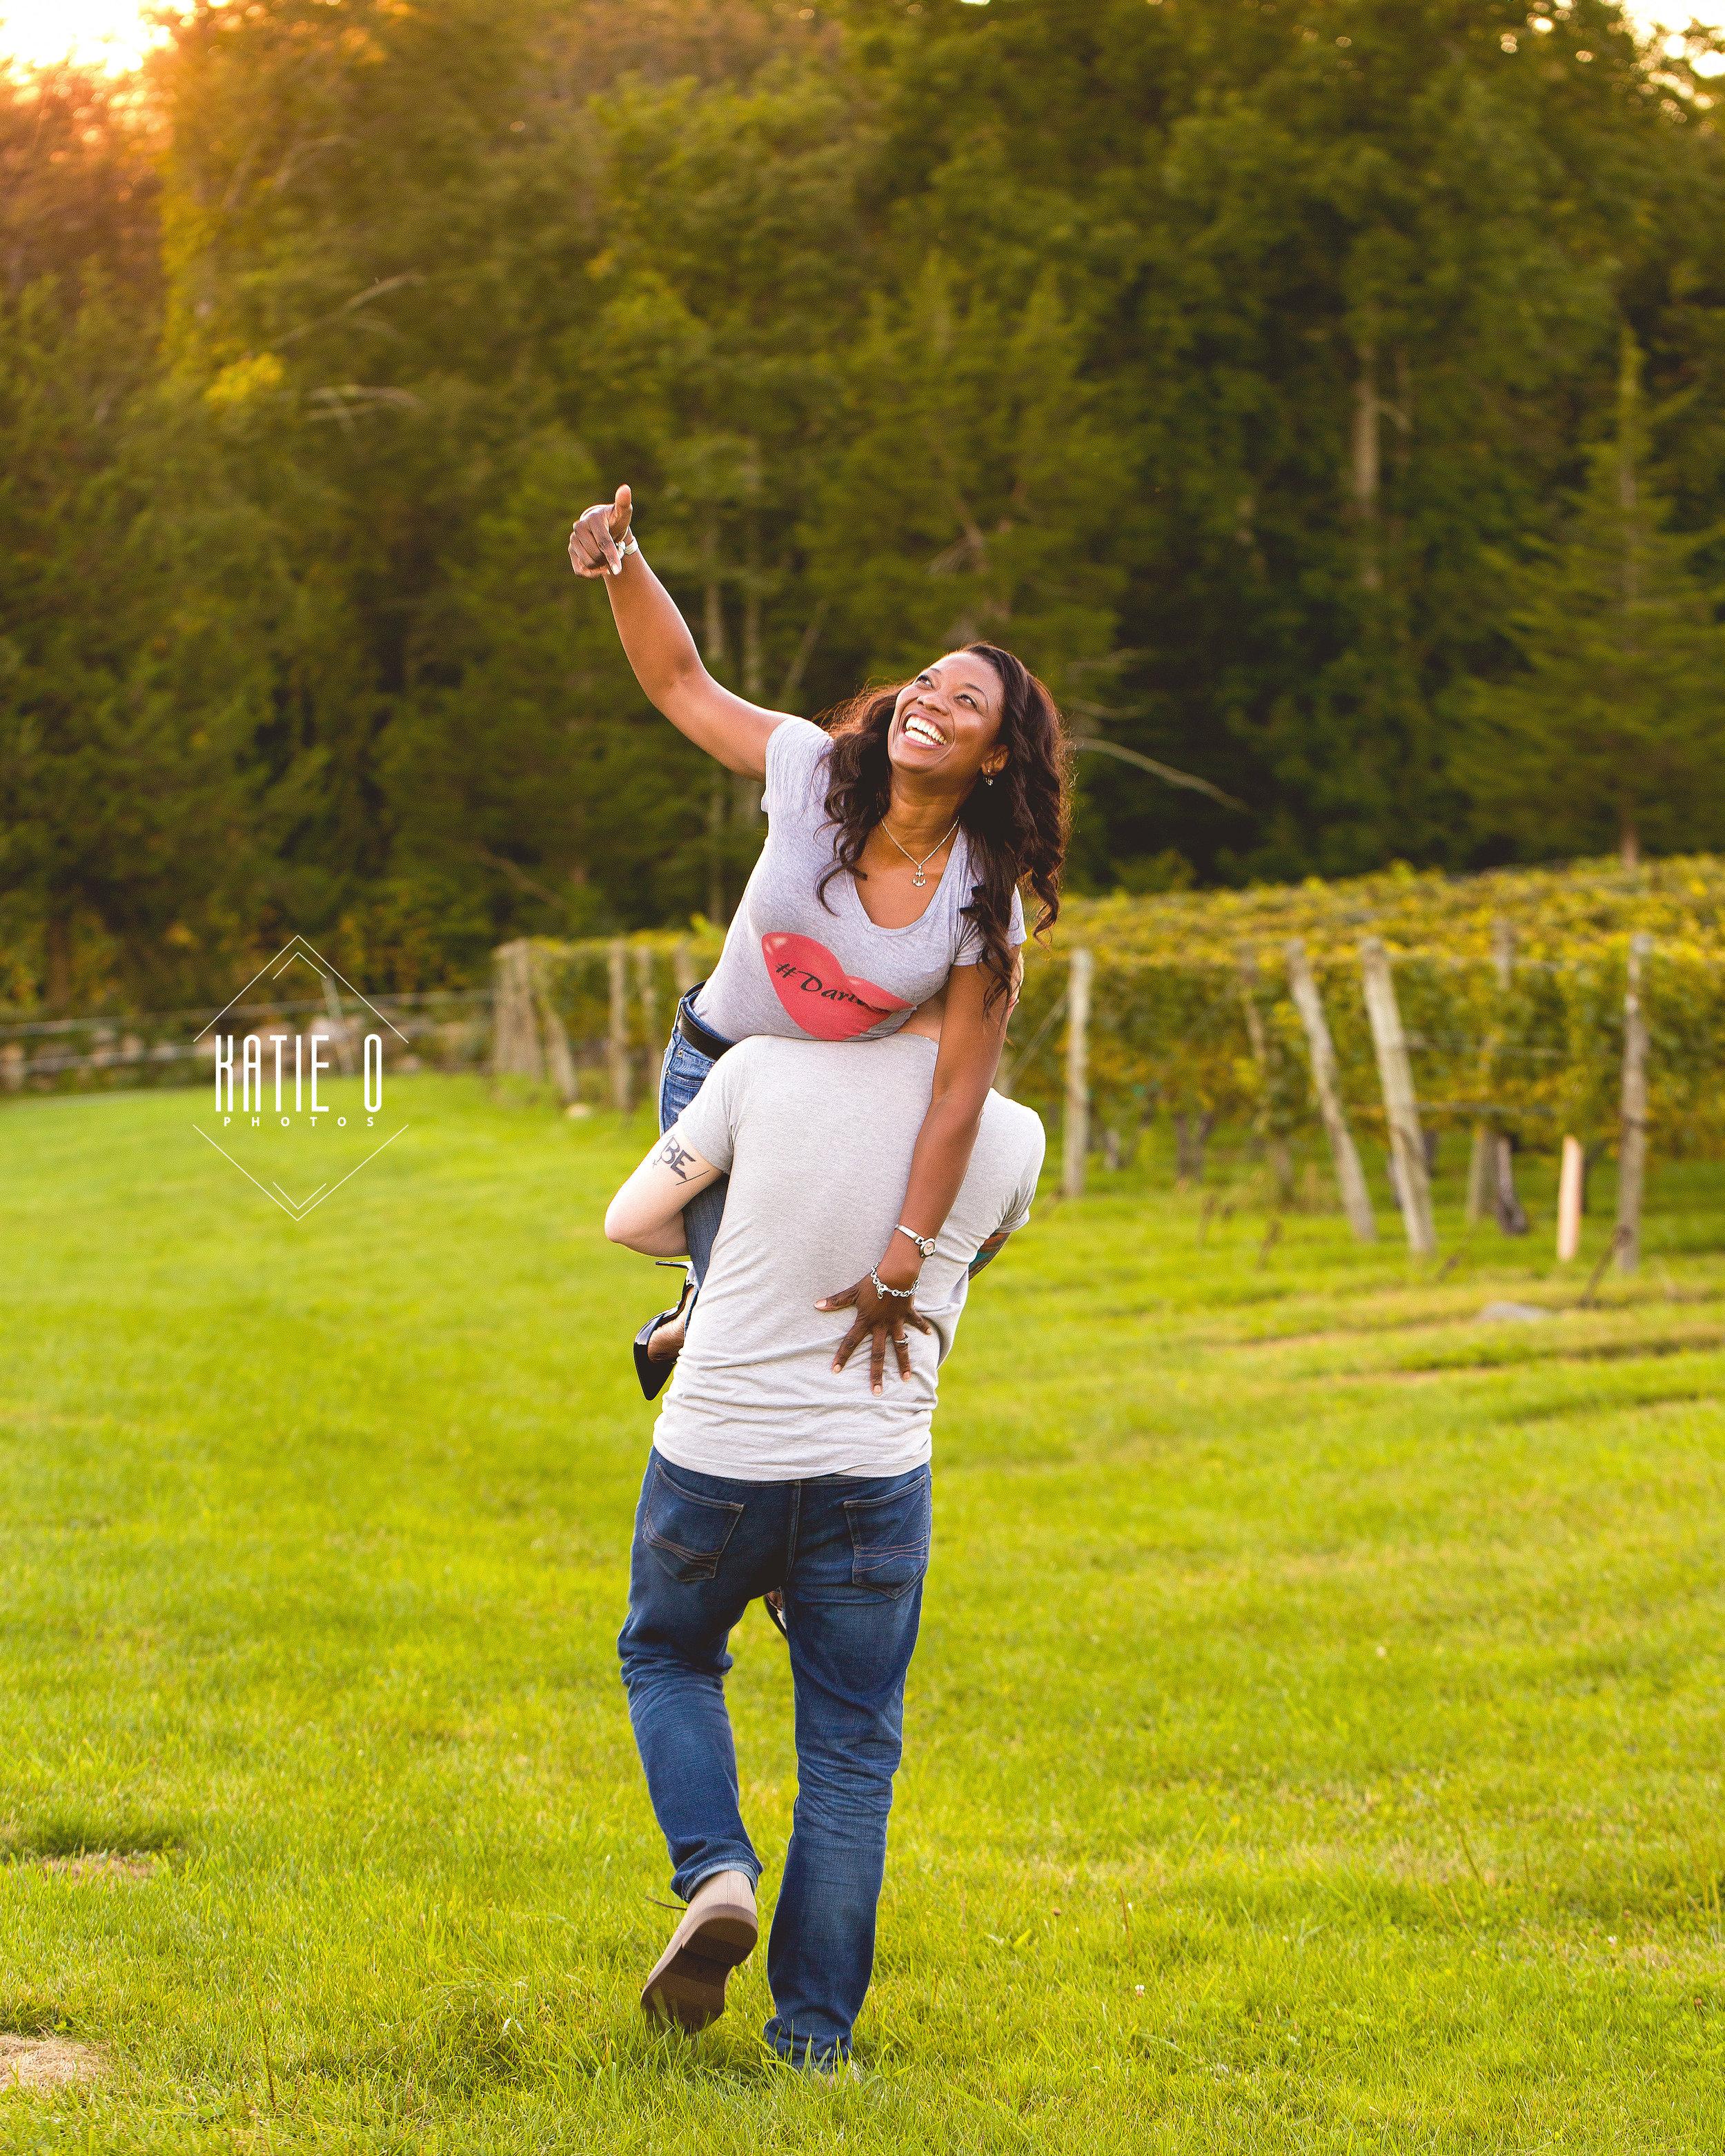 Katie-O-Photos-21-2.jpg